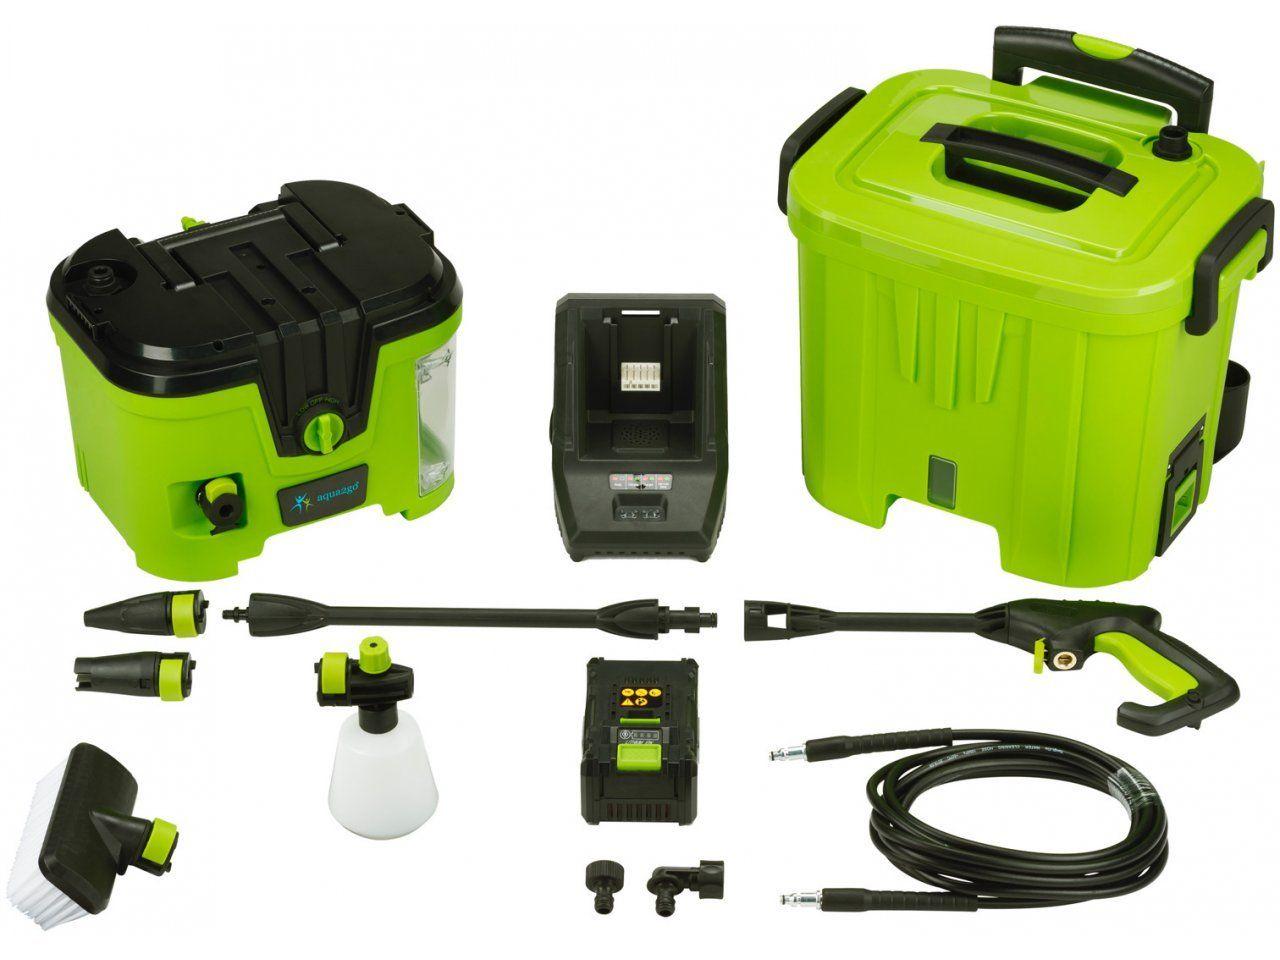 aqua2go Limpiador a presión KROSS - bike-components